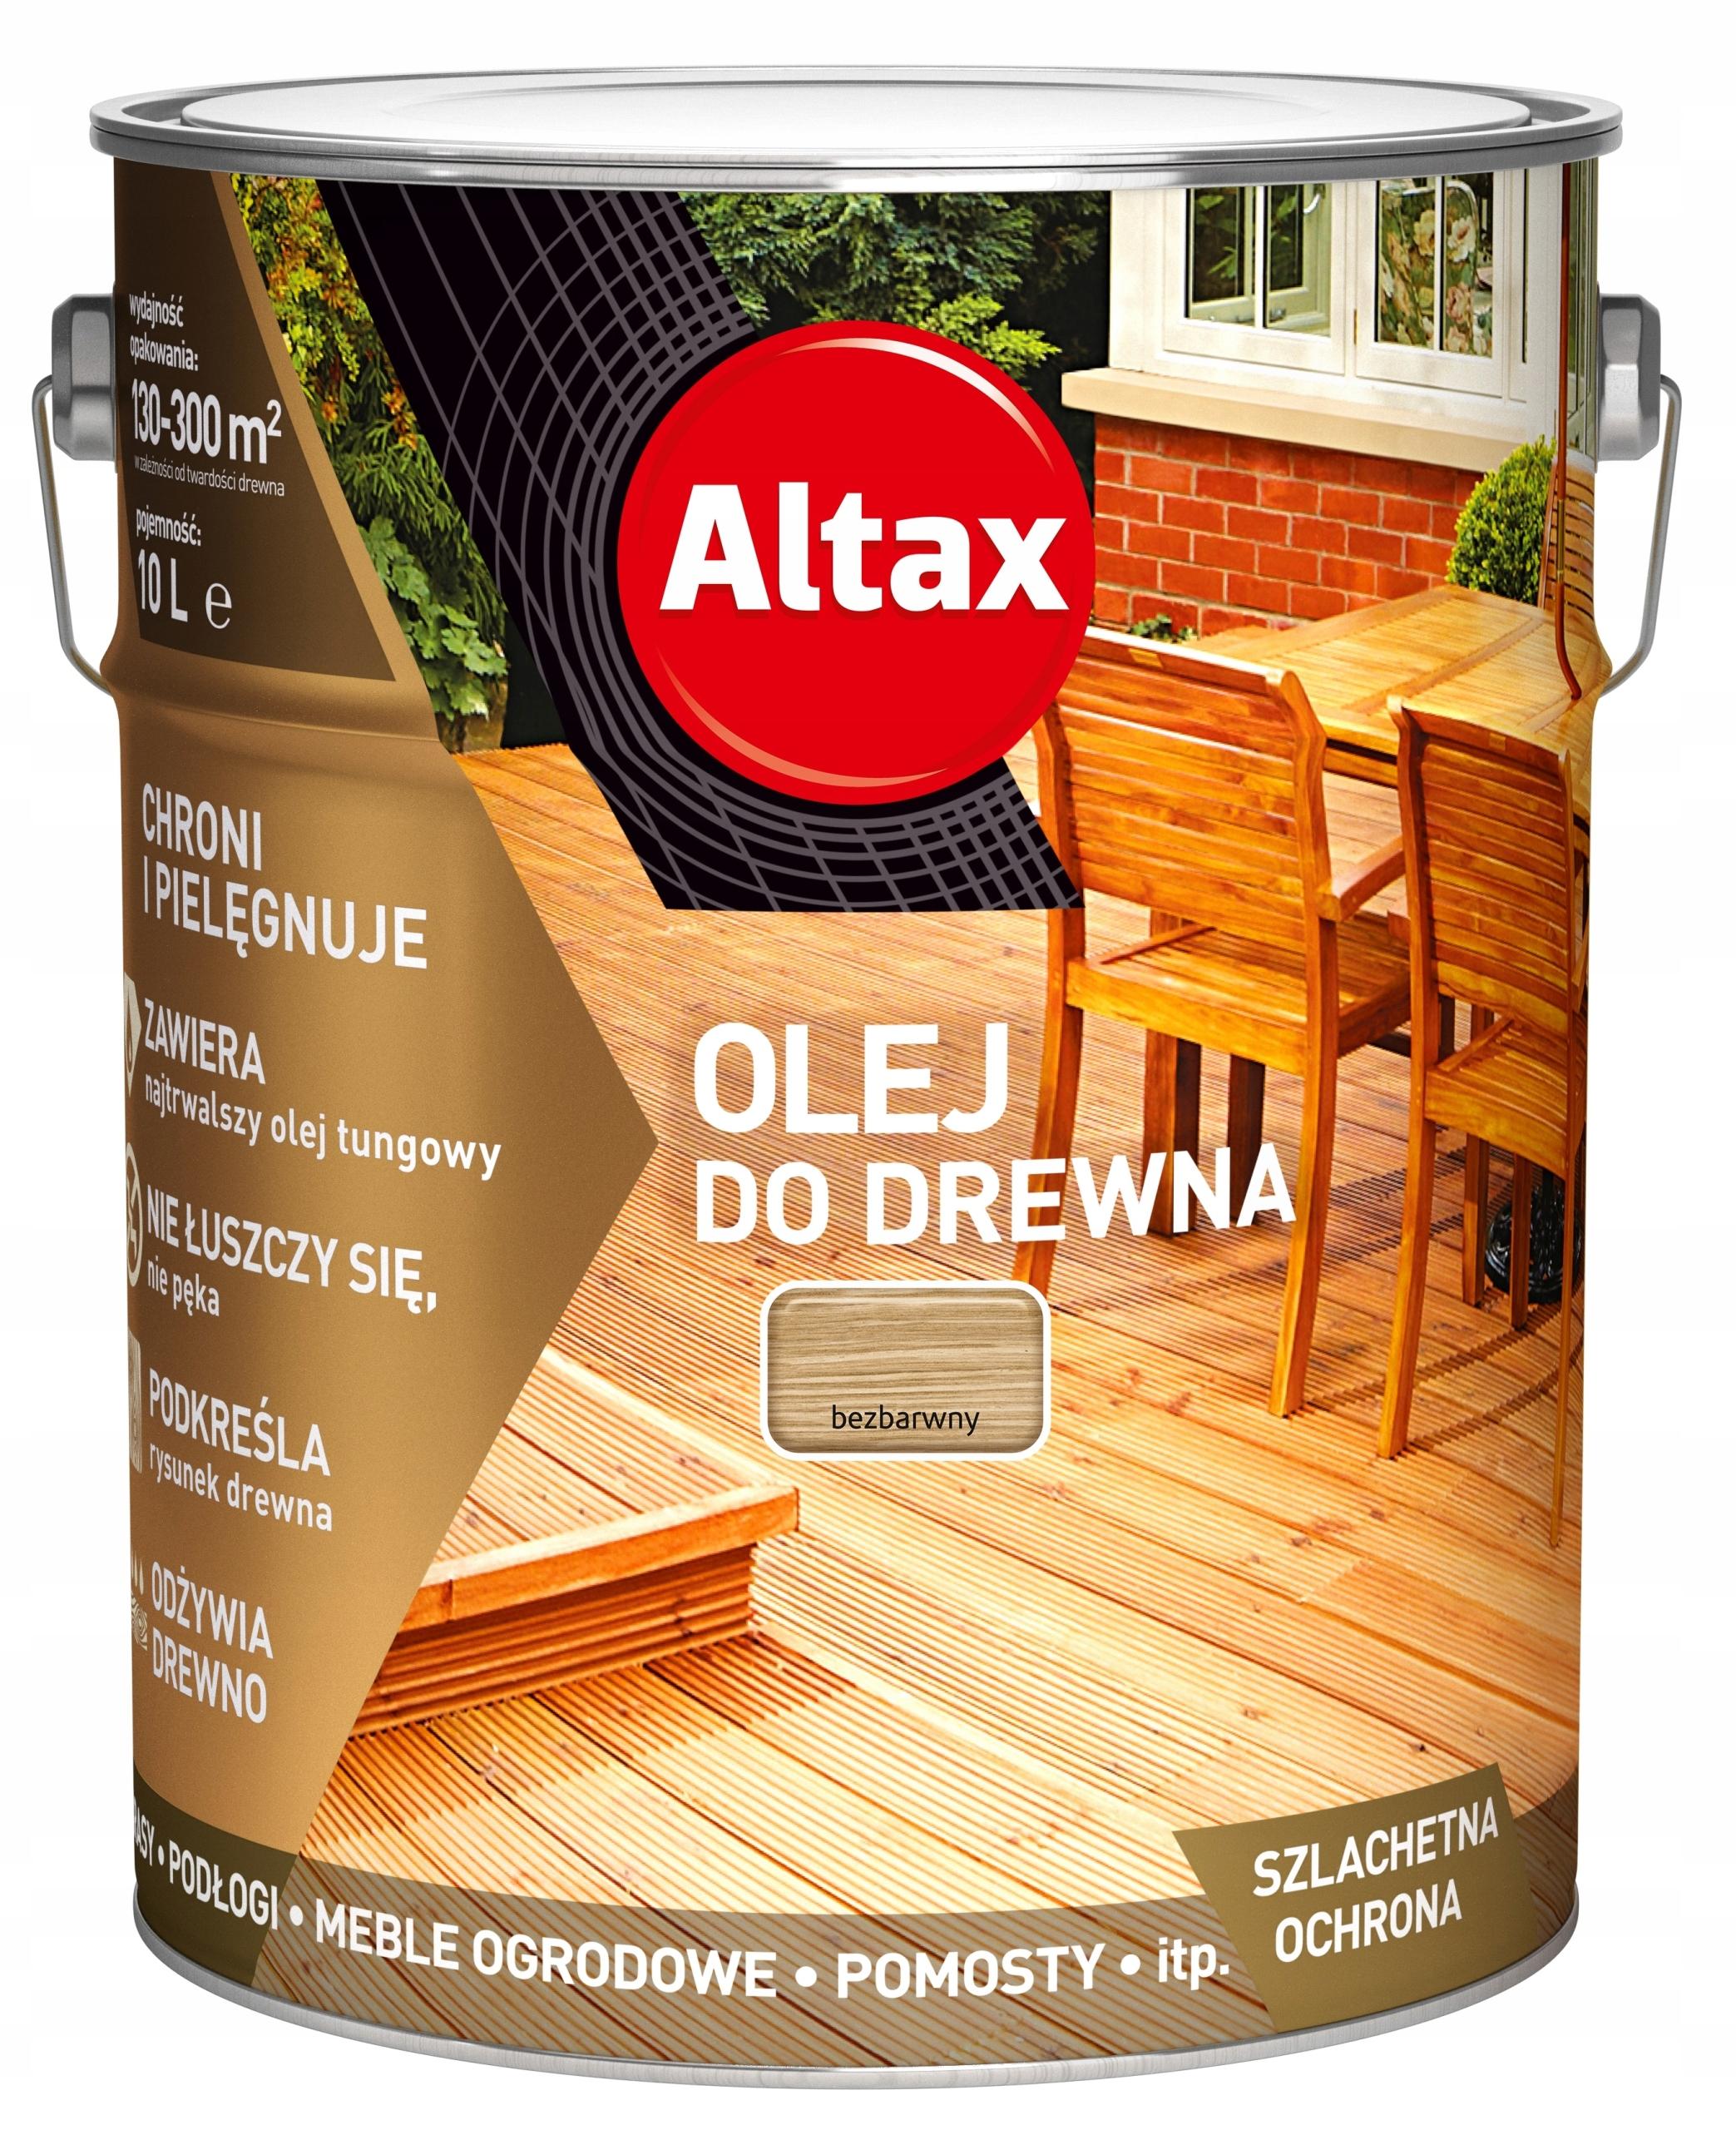 ALTAX масло для дерева, бесцветный, 10 л